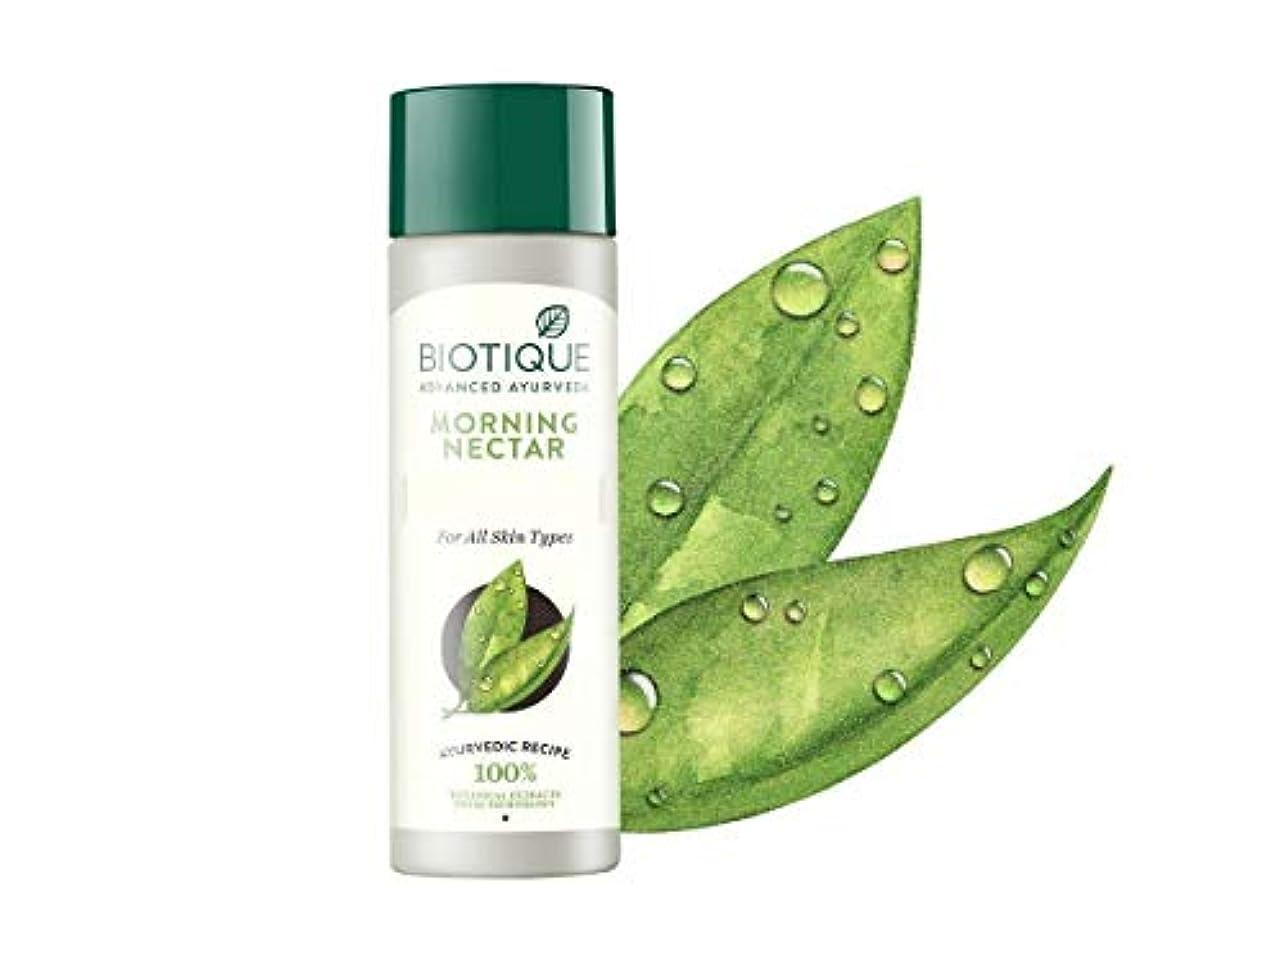 ナイロンバンドル速度Biotique Bio Morning Nectar Sunscreen Ultra Soothing Face Lotion 120ml Biotiqueバイオモーニングネクター日焼け止めウルトラスージングフェイスローション